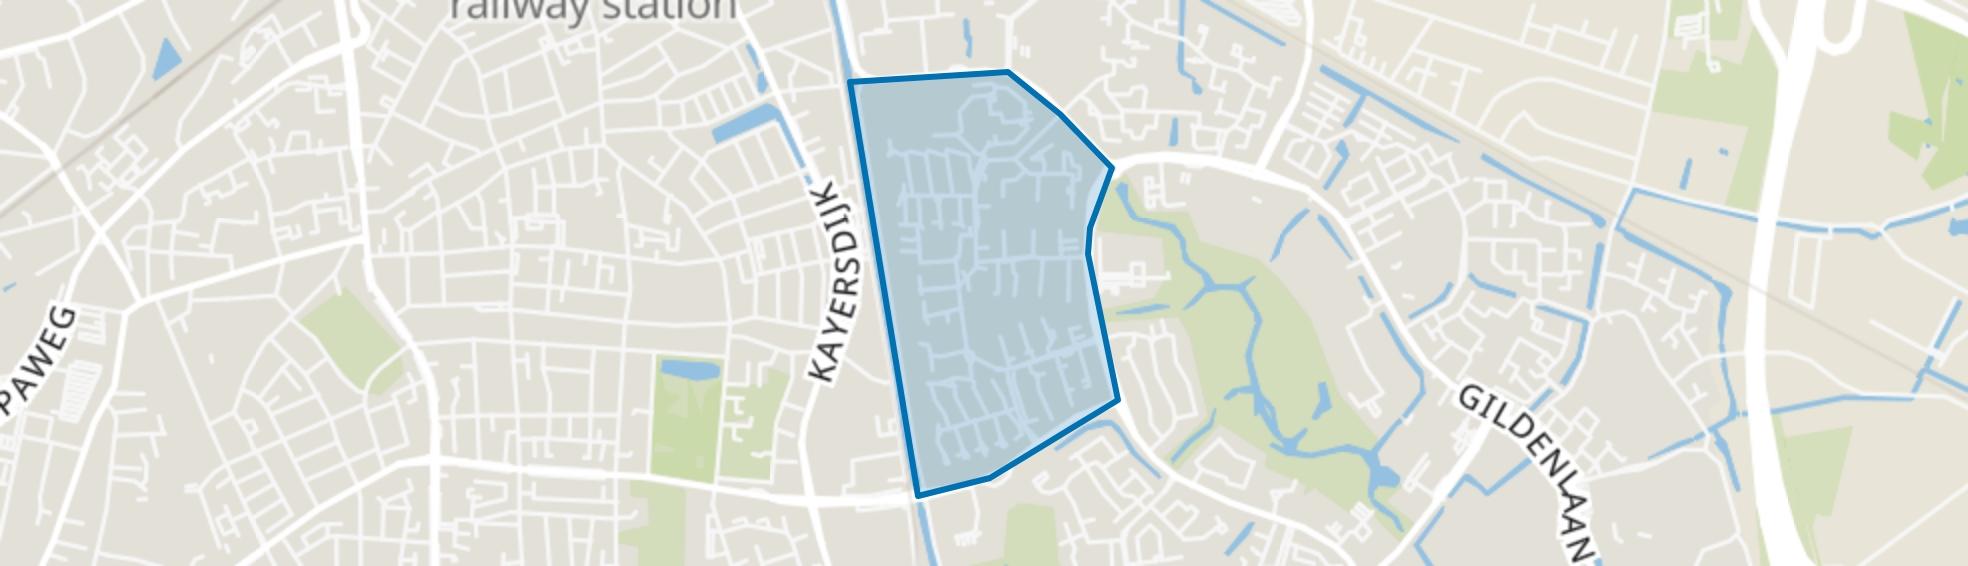 Matendreef, Apeldoorn map